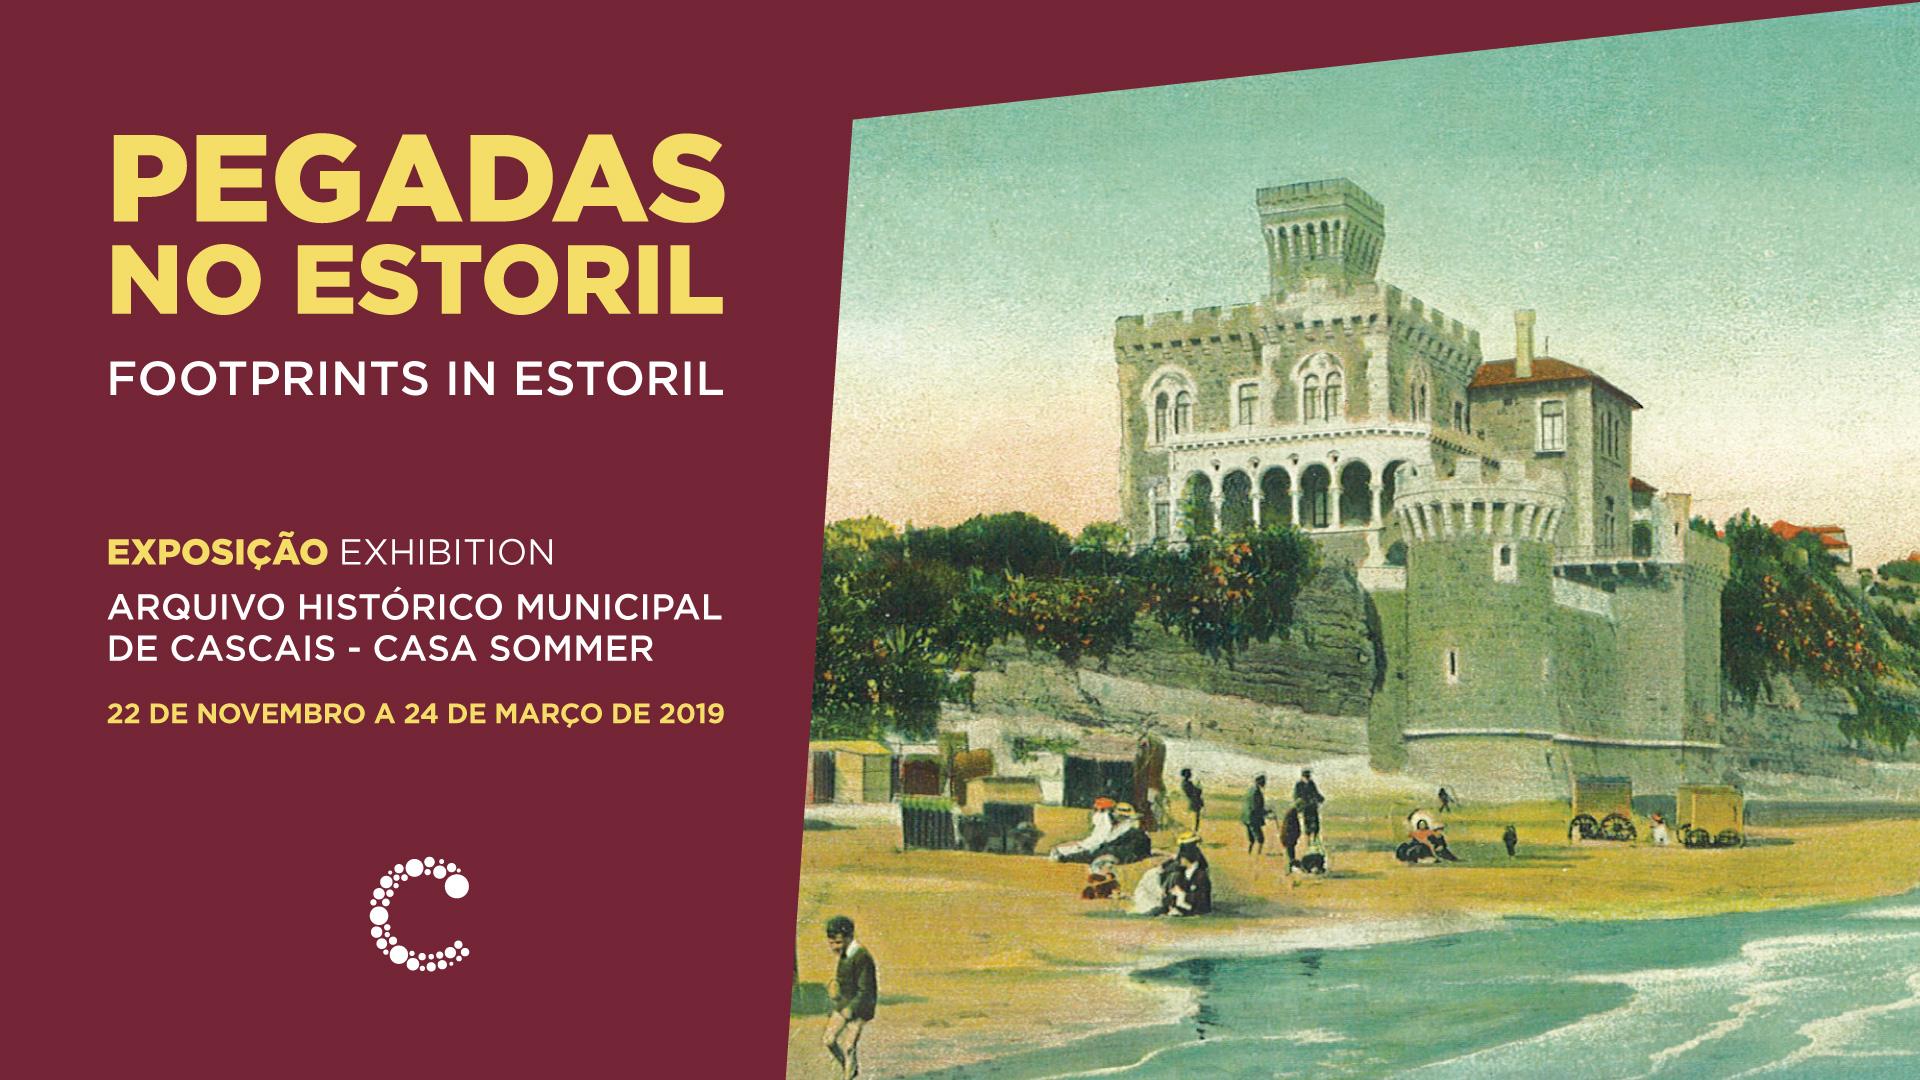 Exposição Pegadas no Estoril: Retratos do Mundo - Coleção de Helder Paraná Do Coutto